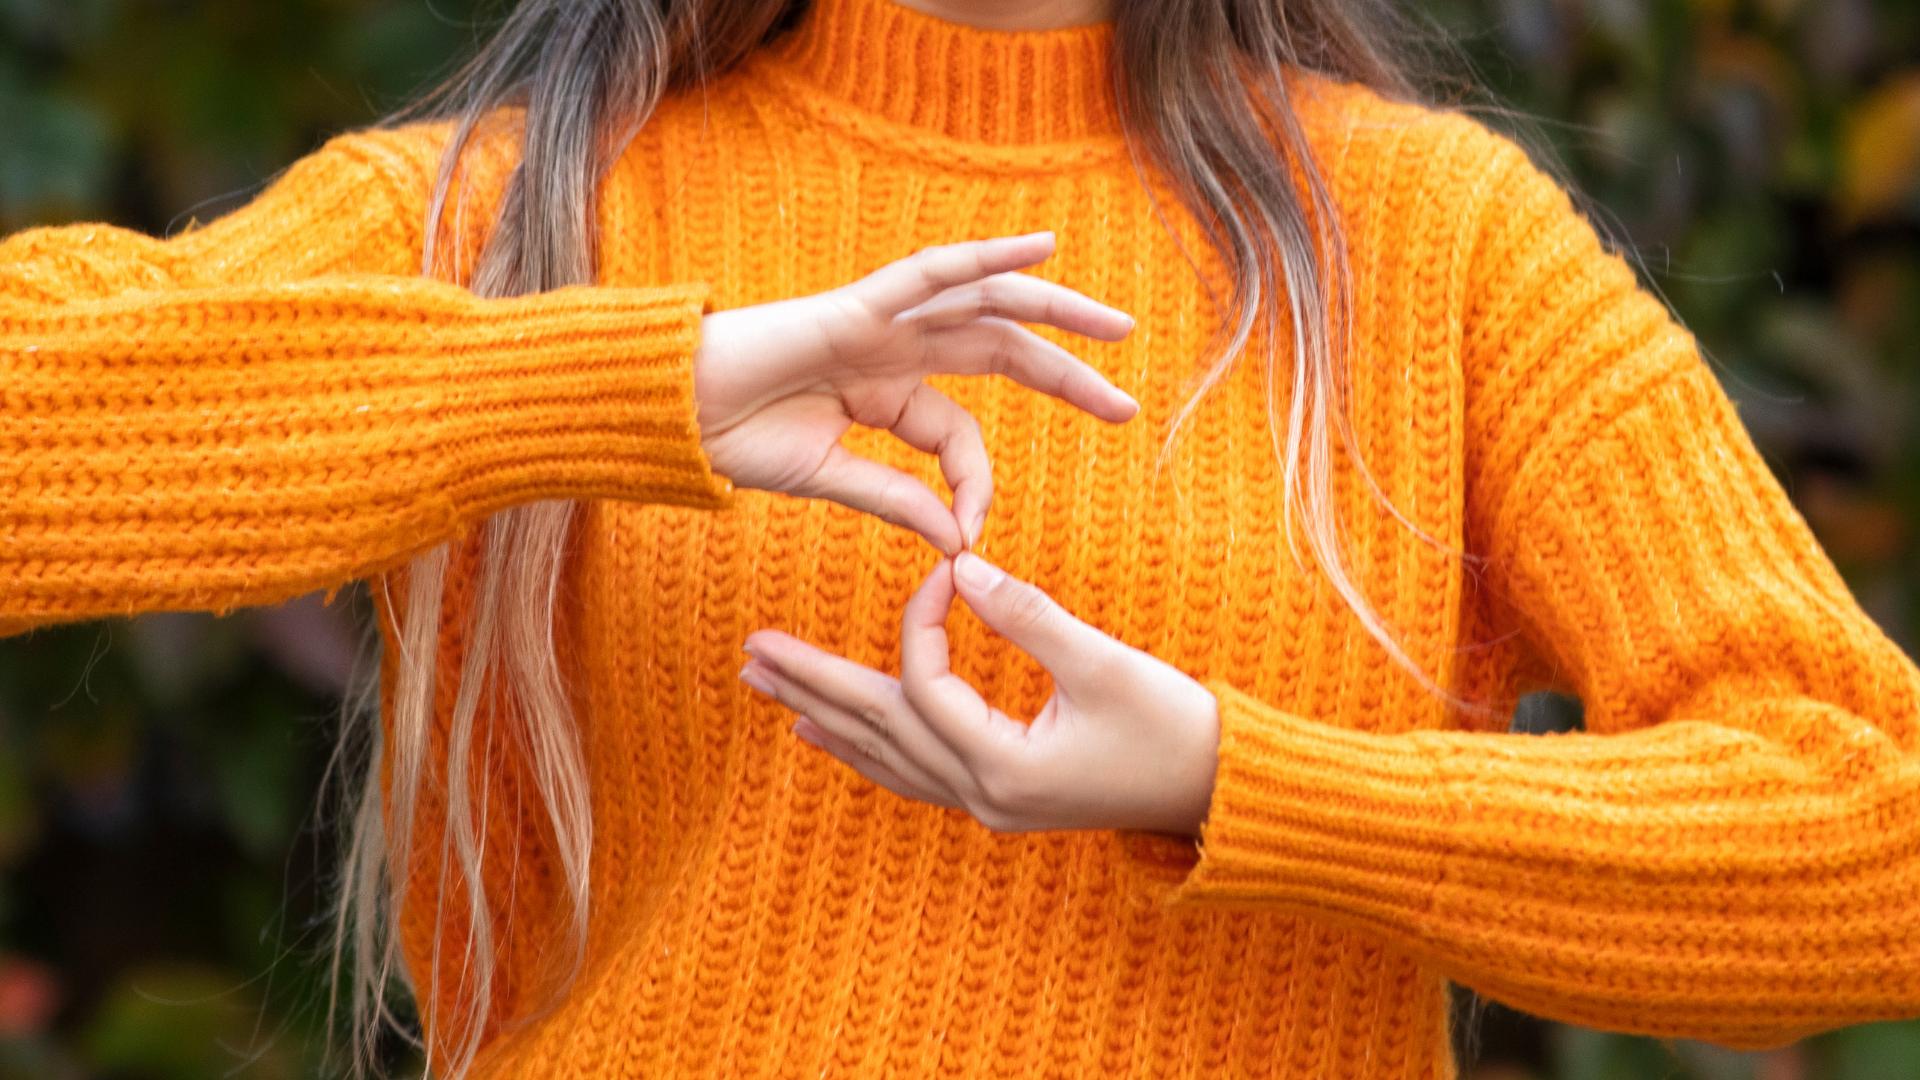 Кратки дефиниции на основните понятия имащи връзка с жестовия и словесния език